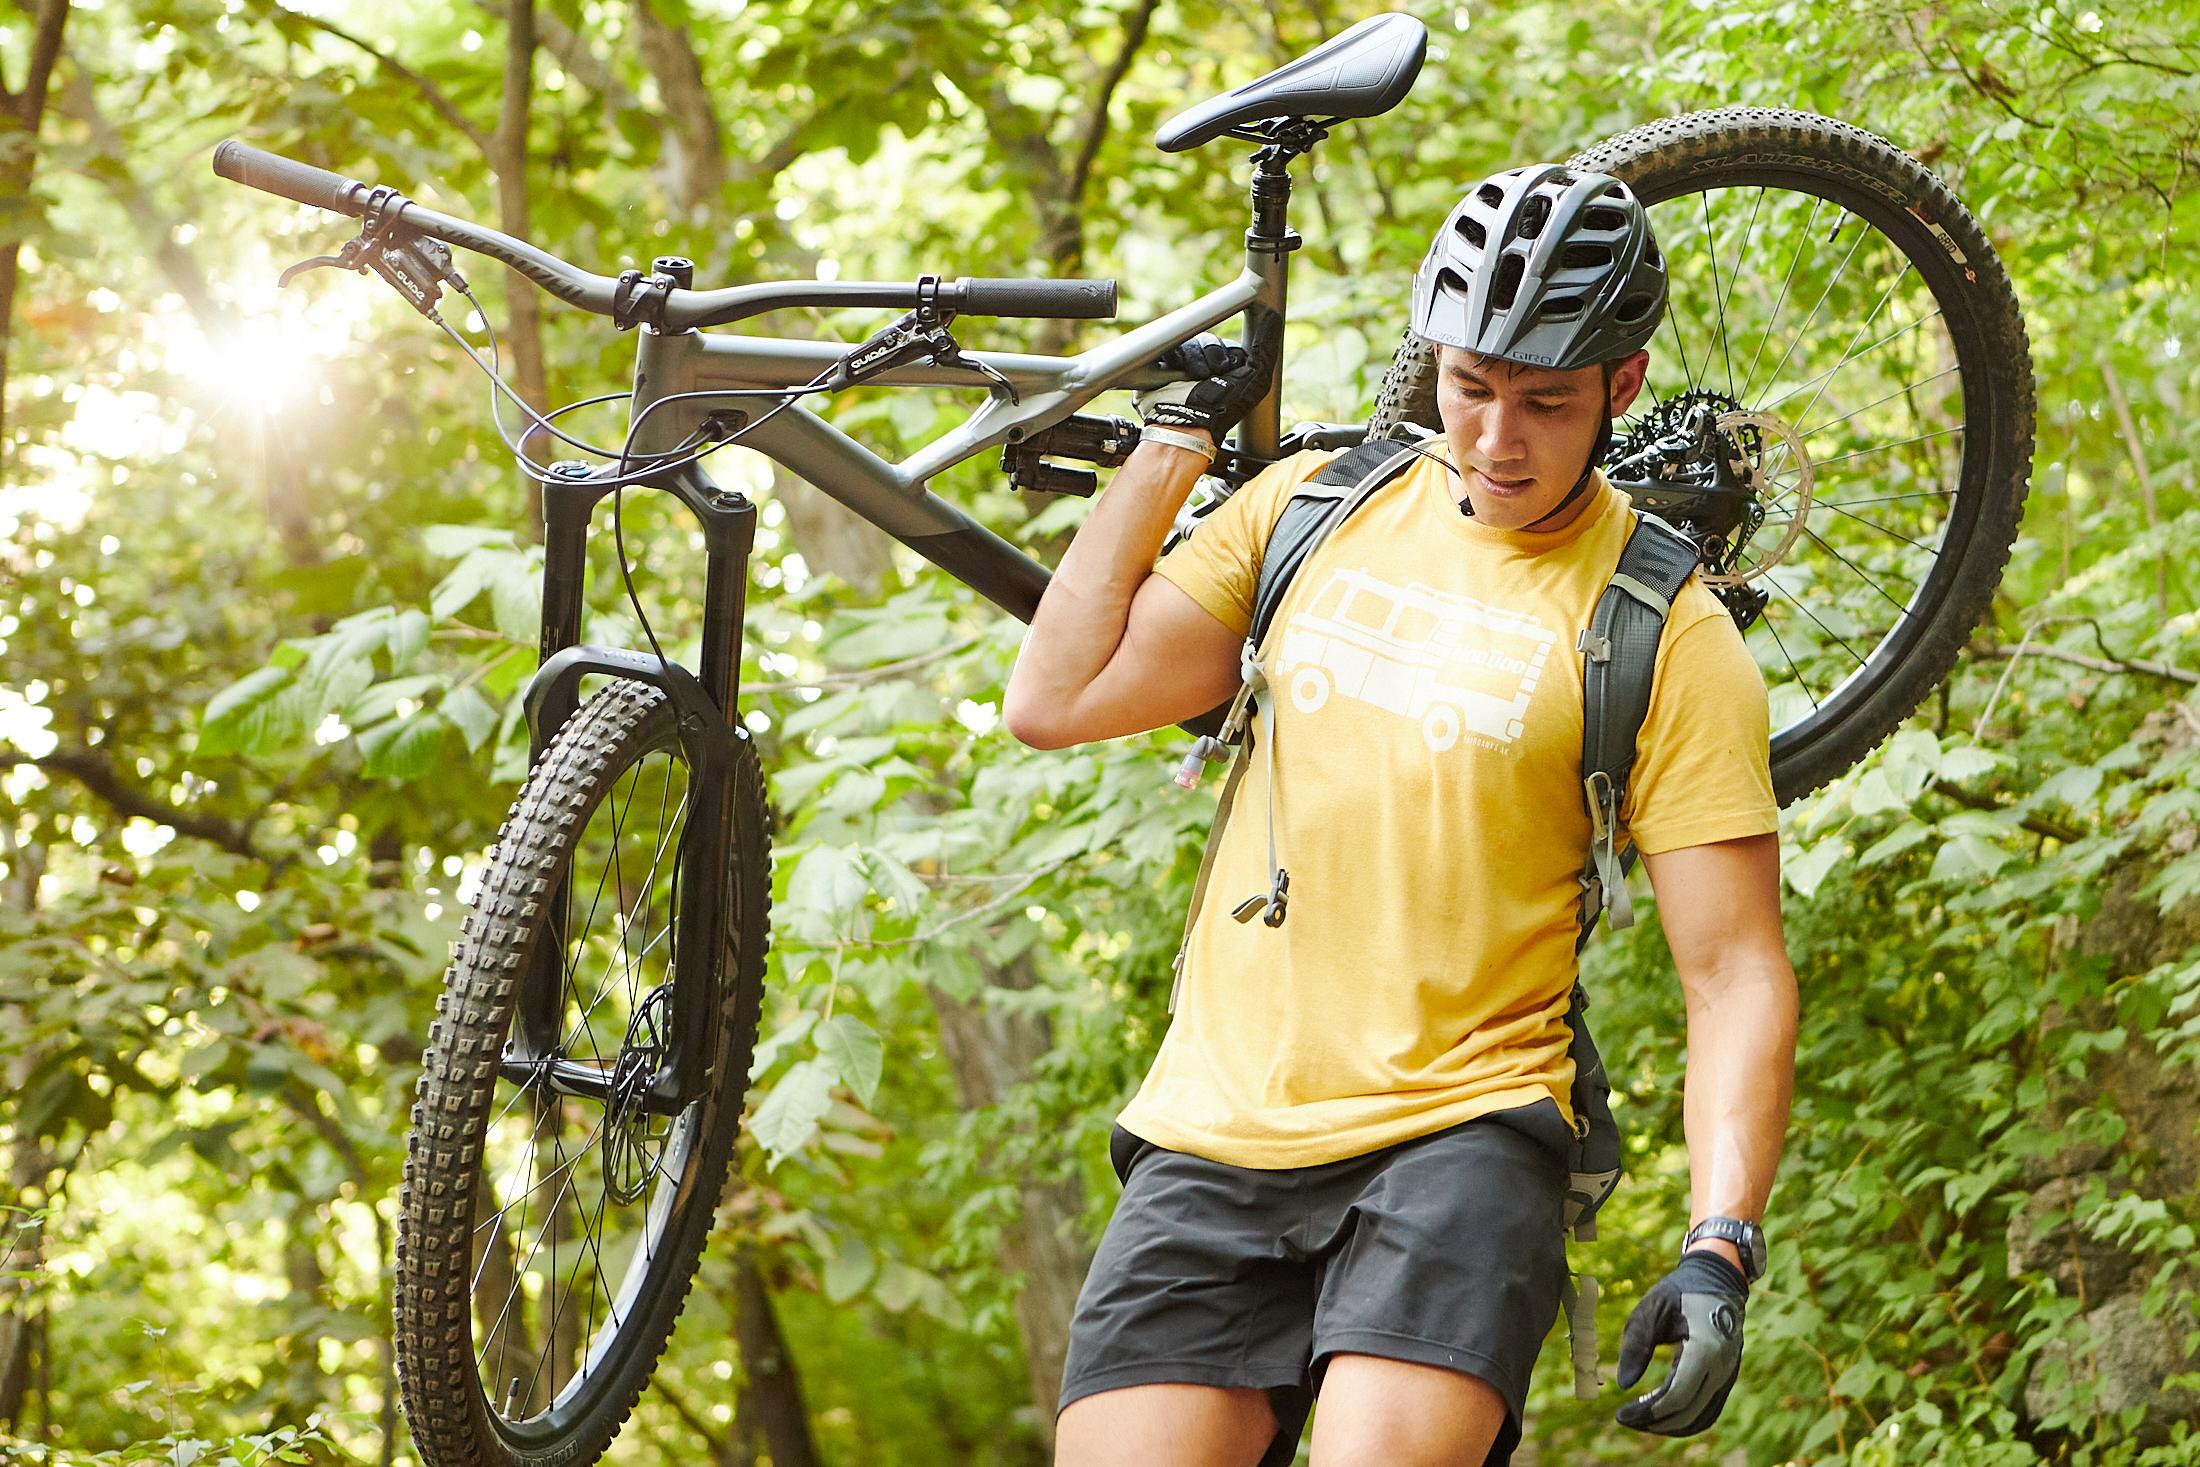 mountainbiking2350Hires